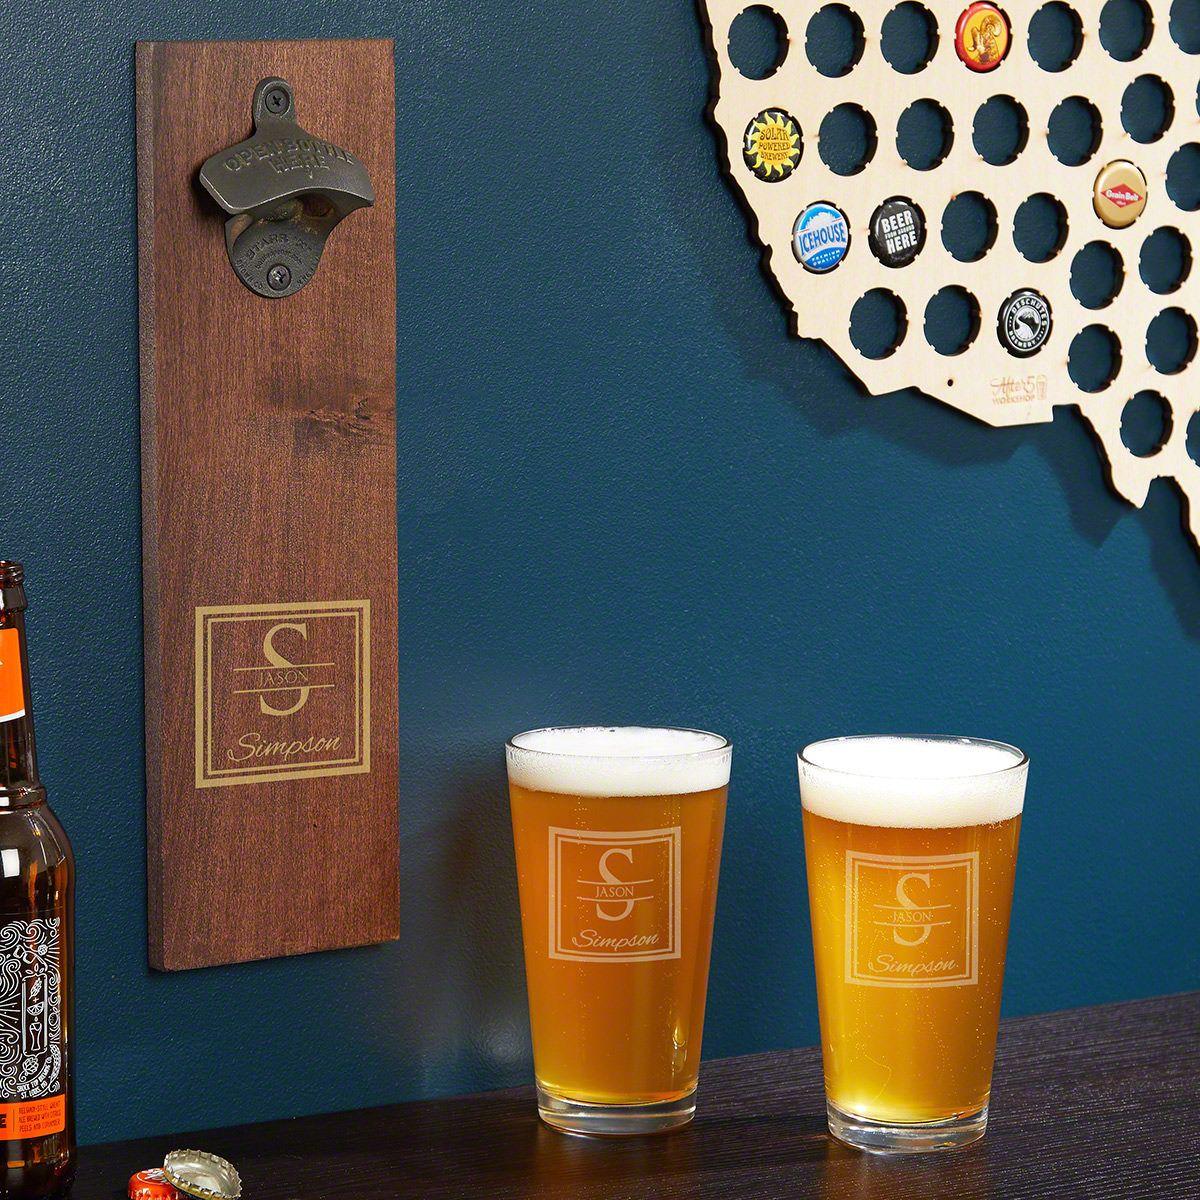 Oakhill Personalized Wall Mounted Bottle Opener & Pint Glass Set